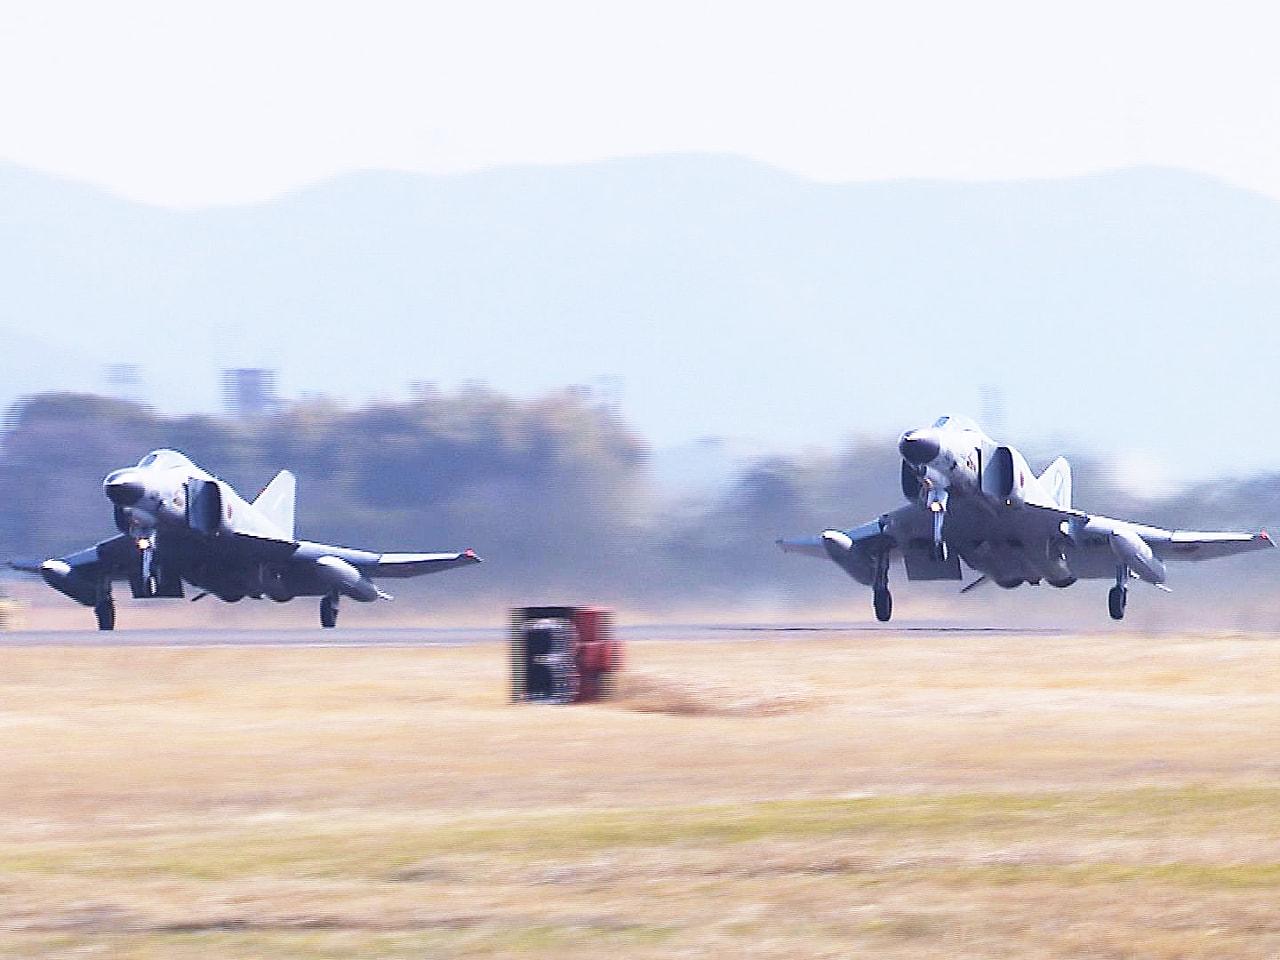 およそ半世紀前に日本で最初に導入され、岐阜基地で運用されていた航空自衛隊の戦闘機...